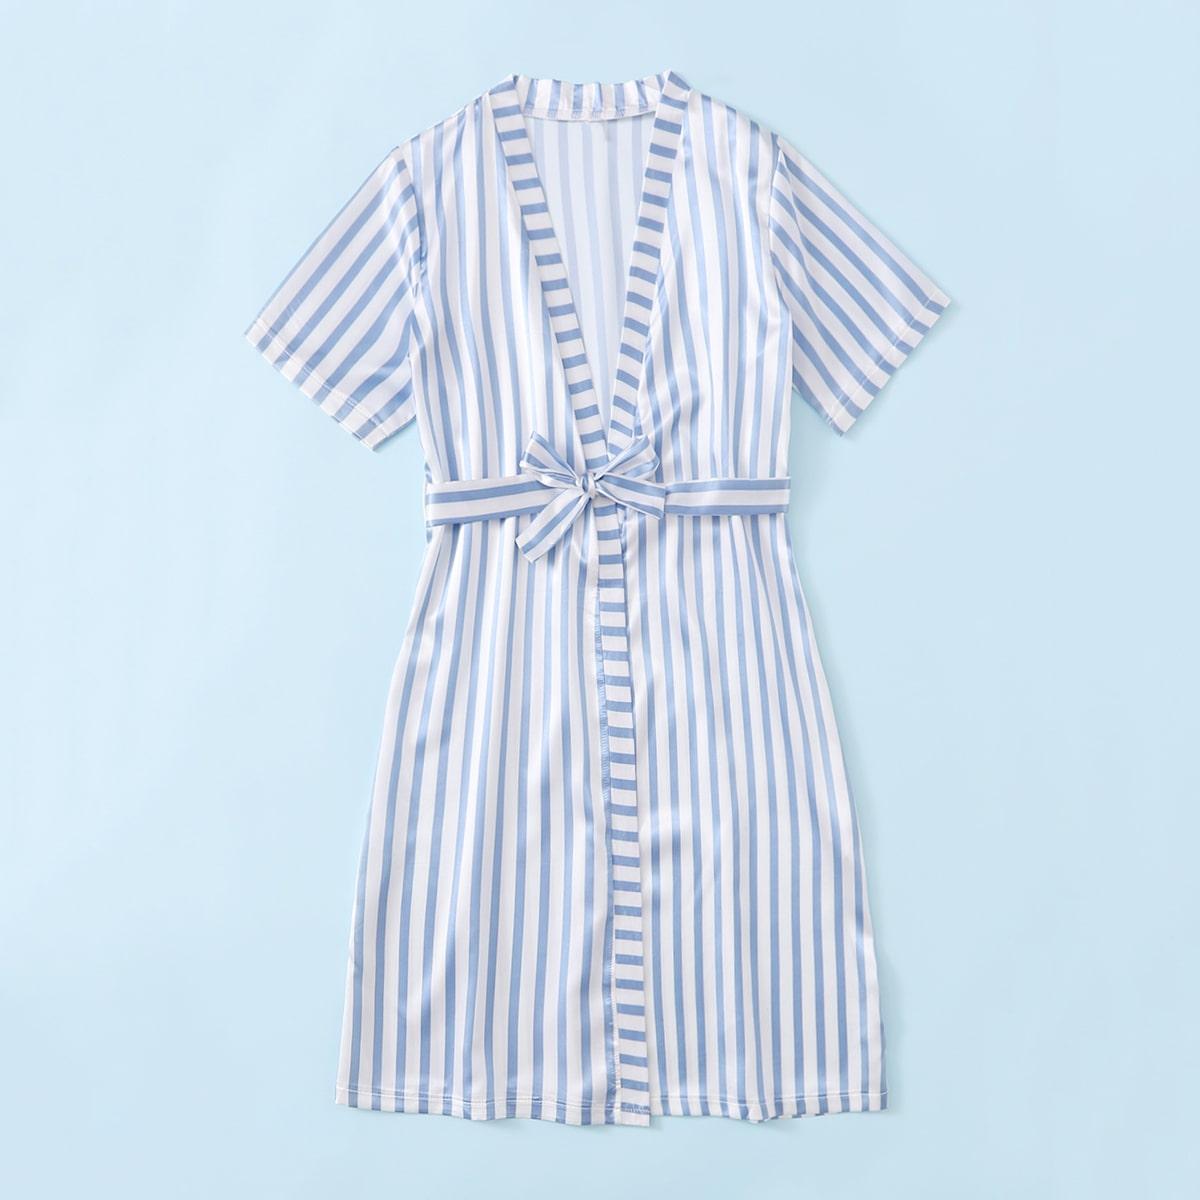 Синий и Белый с поясом Полоска Повседневный Домашняя одежда для мальчиков от SHEIN